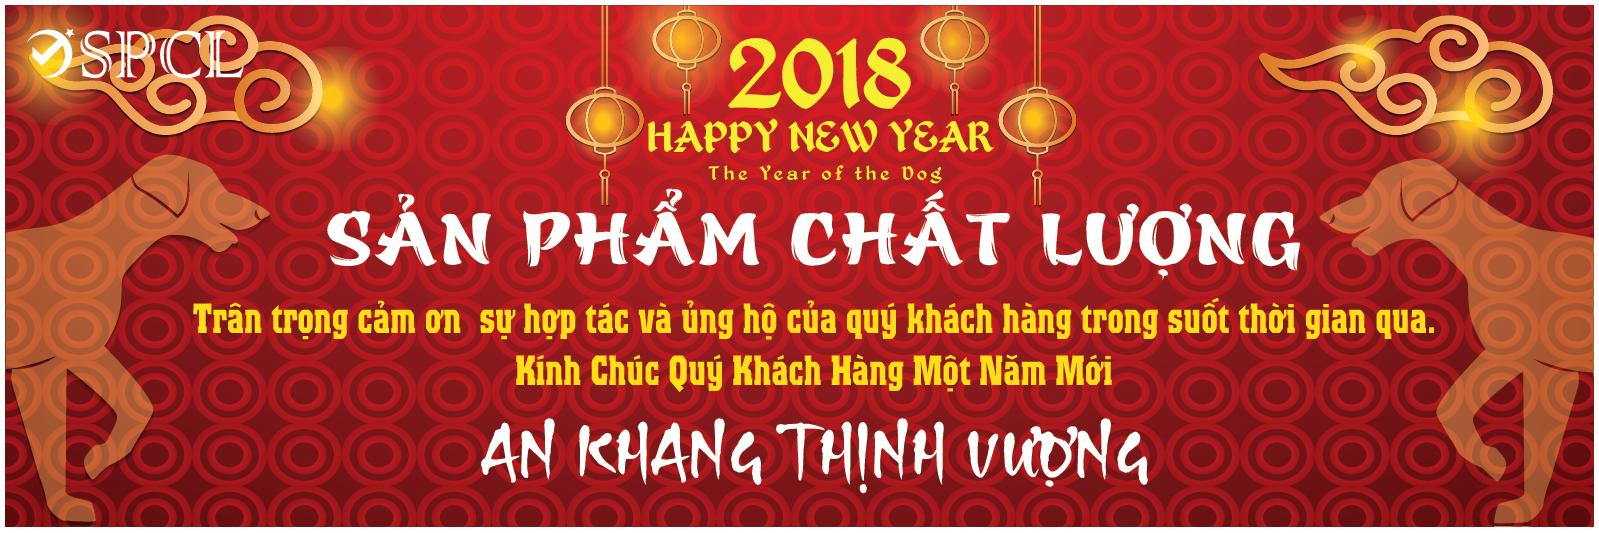 Sanphamchatluong.vn Chúc mừng năm mới 2018